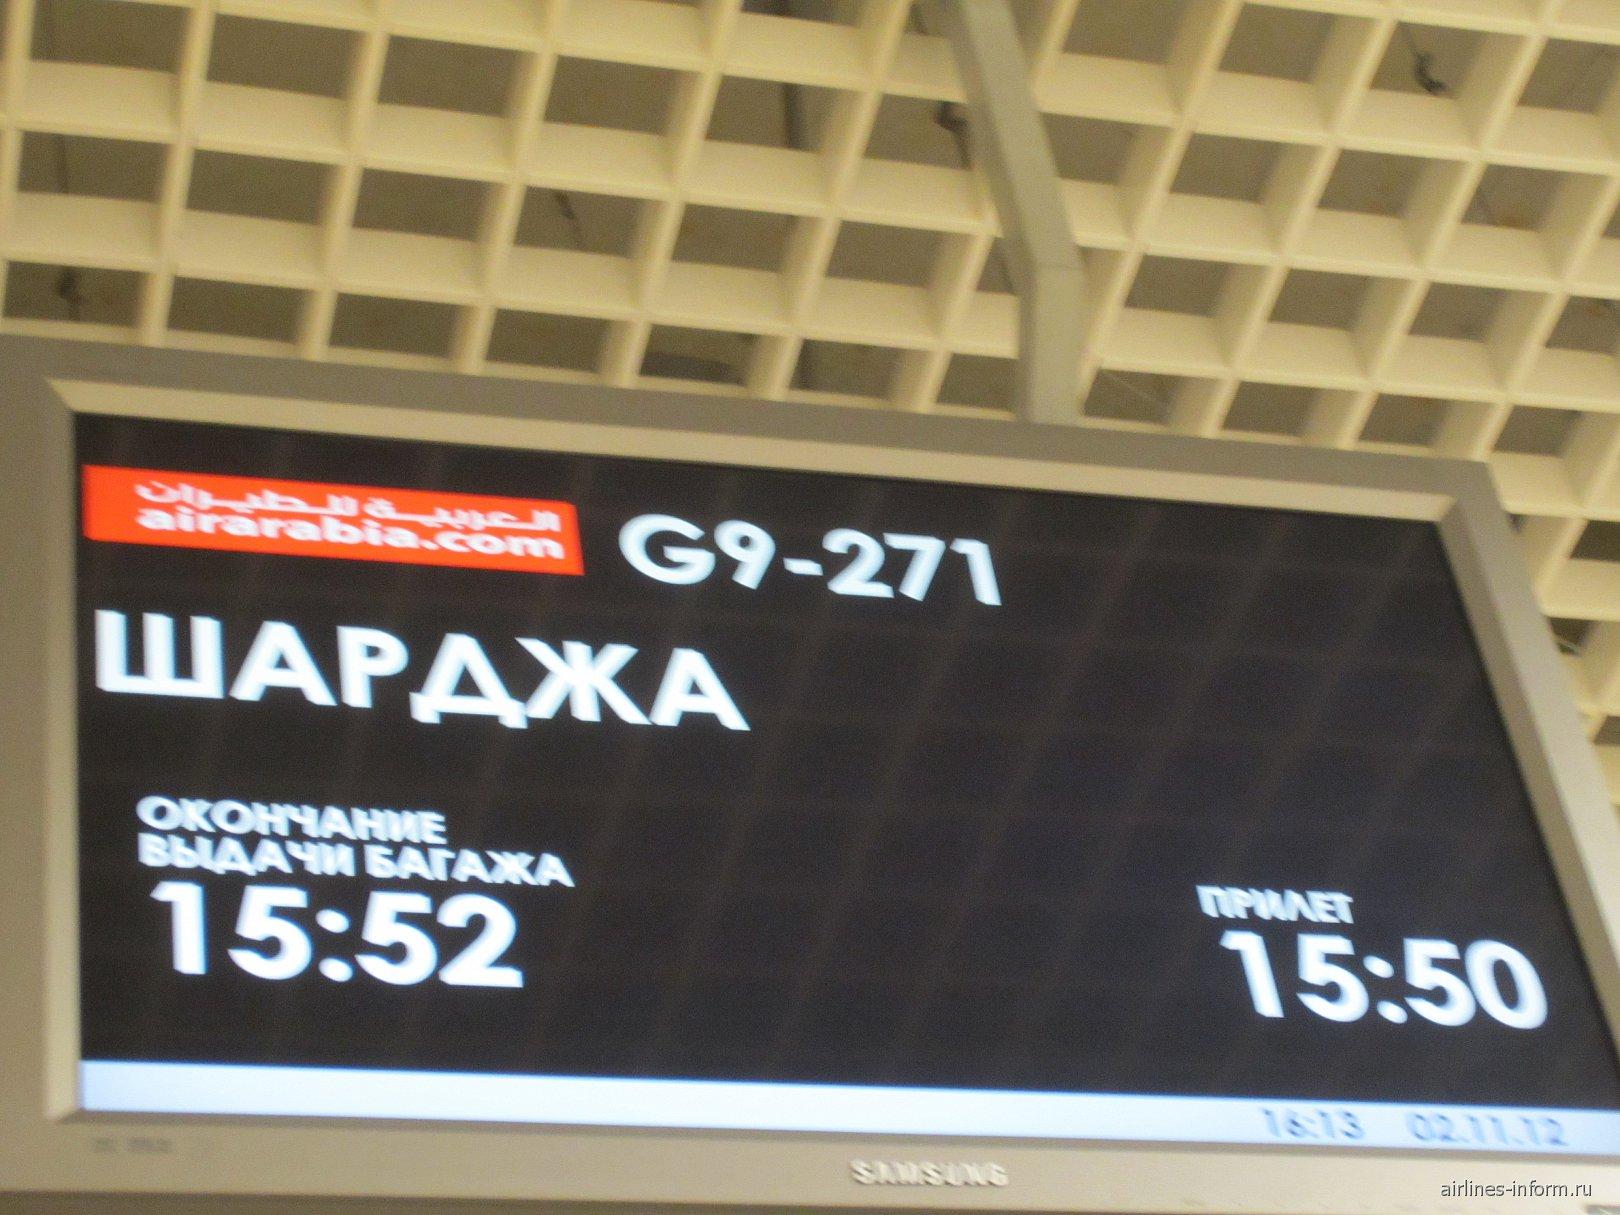 Рейс из Шарджи прибыл в Екатеринбург